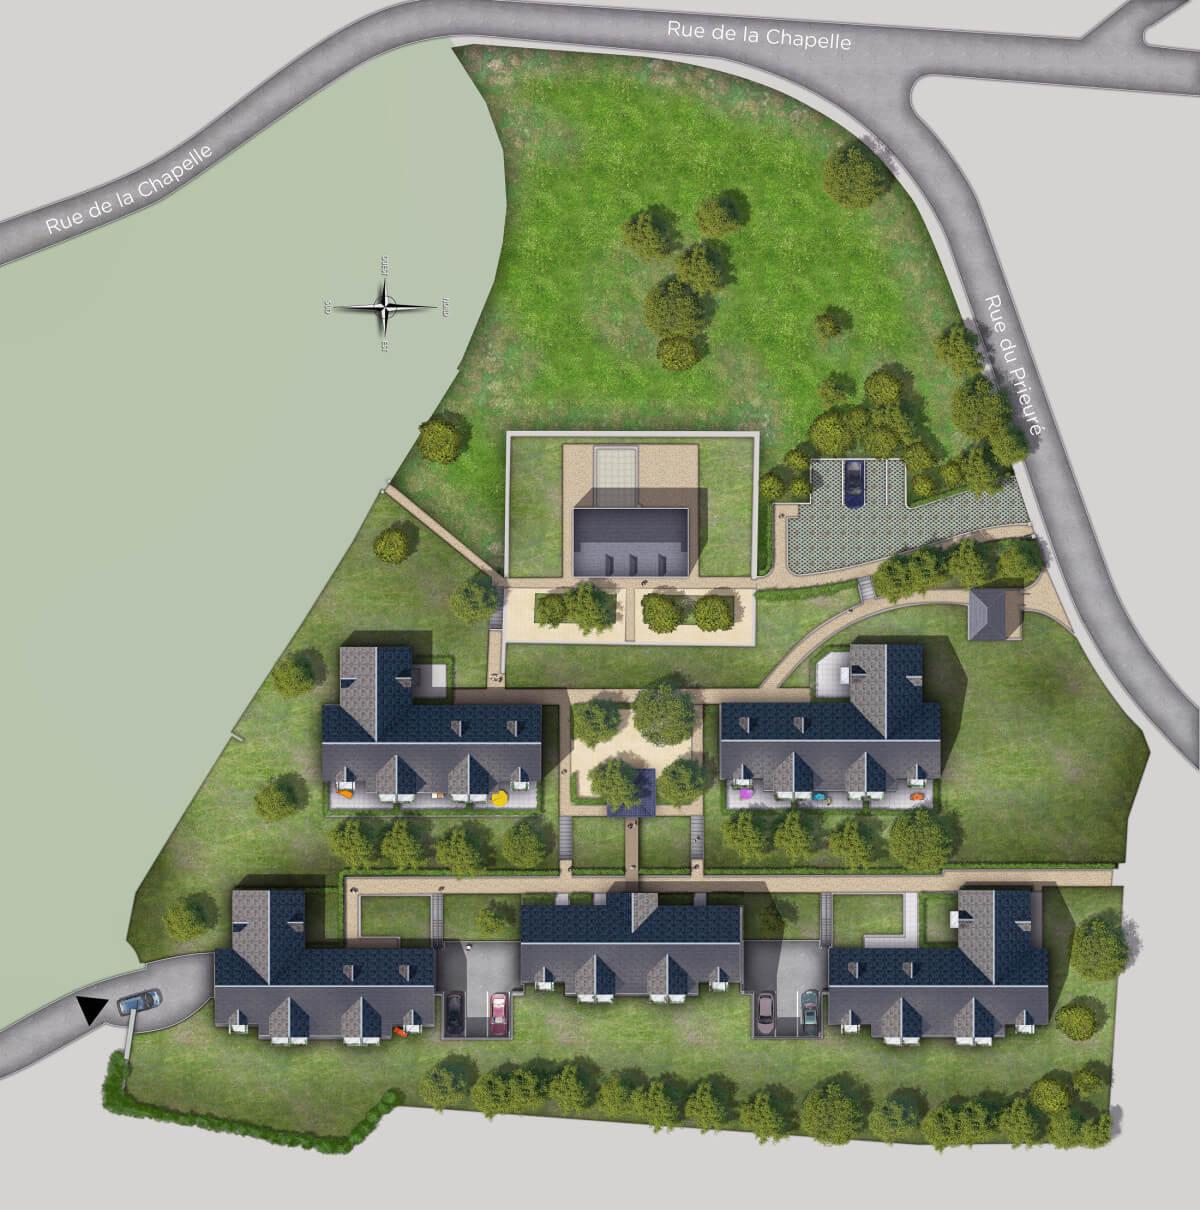 Plan de masse maison classique for Maison classique moderne